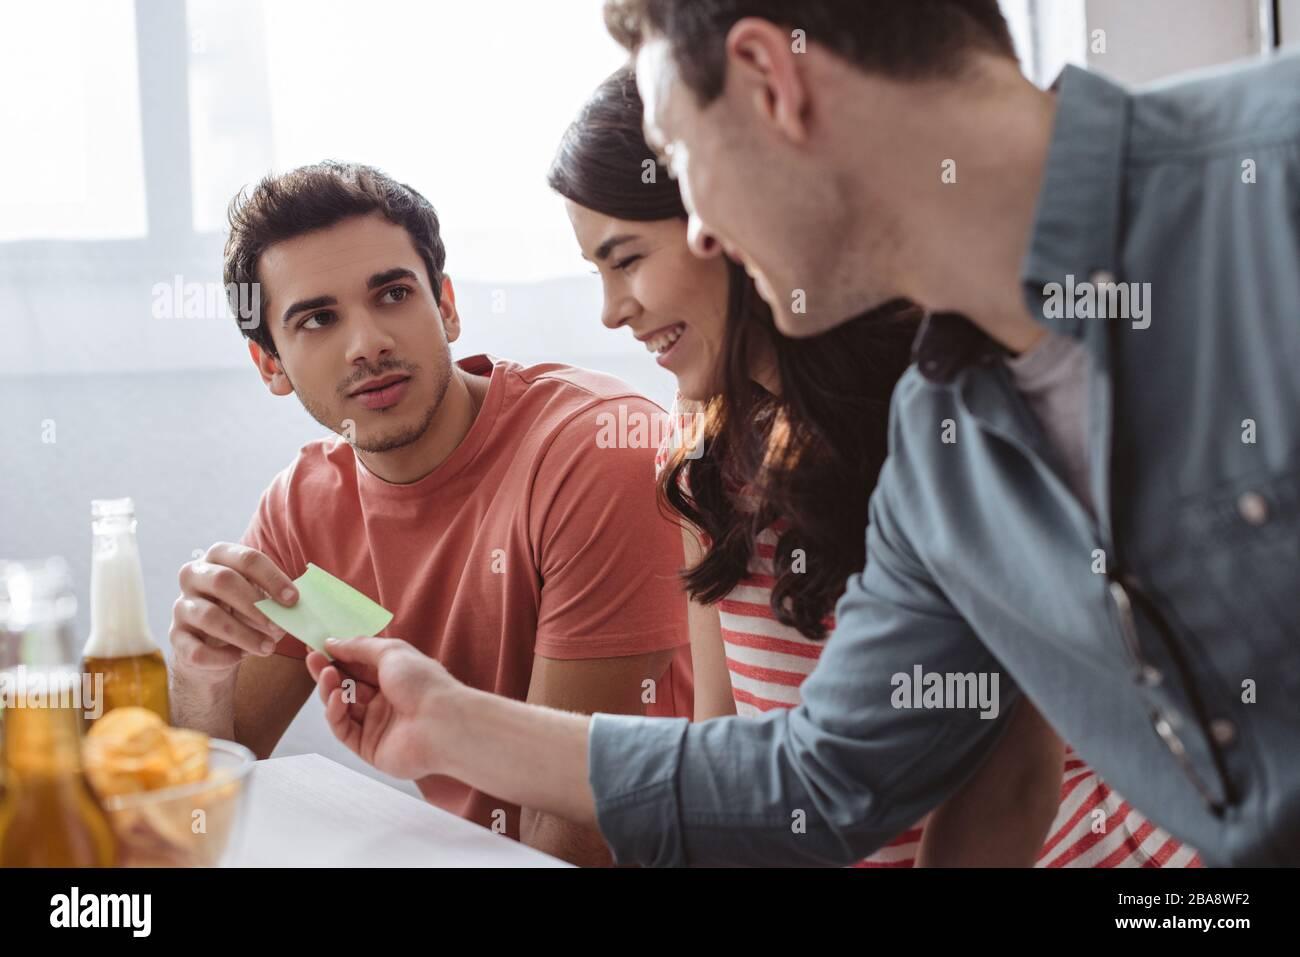 homme sérieux prenant des notes collantes tout en jouant le jeu de nom avec des amis souriants Banque D'Images